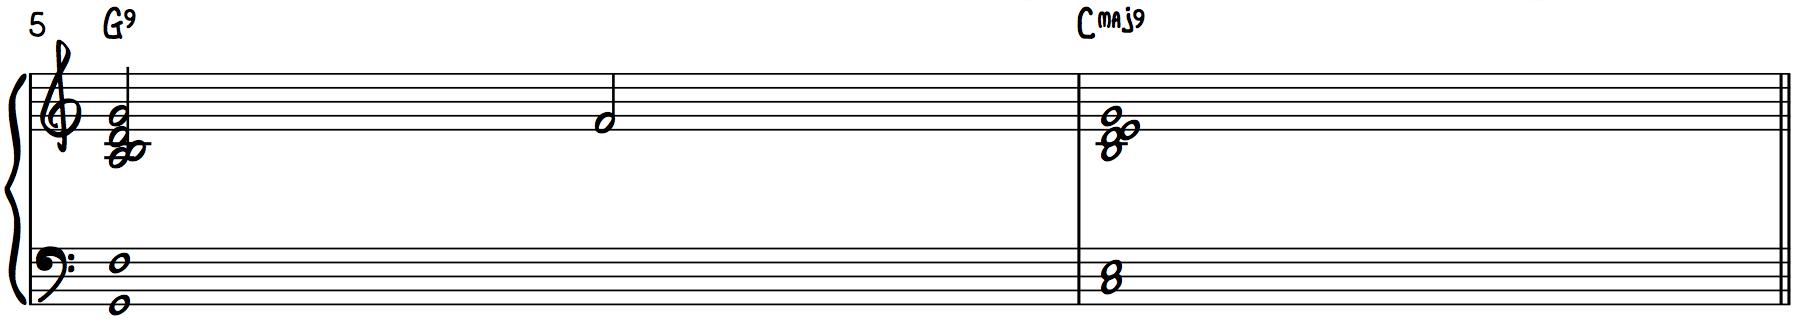 Debussy Chords (9th Chords) Impressionist French Impressionism harmonize chord progression